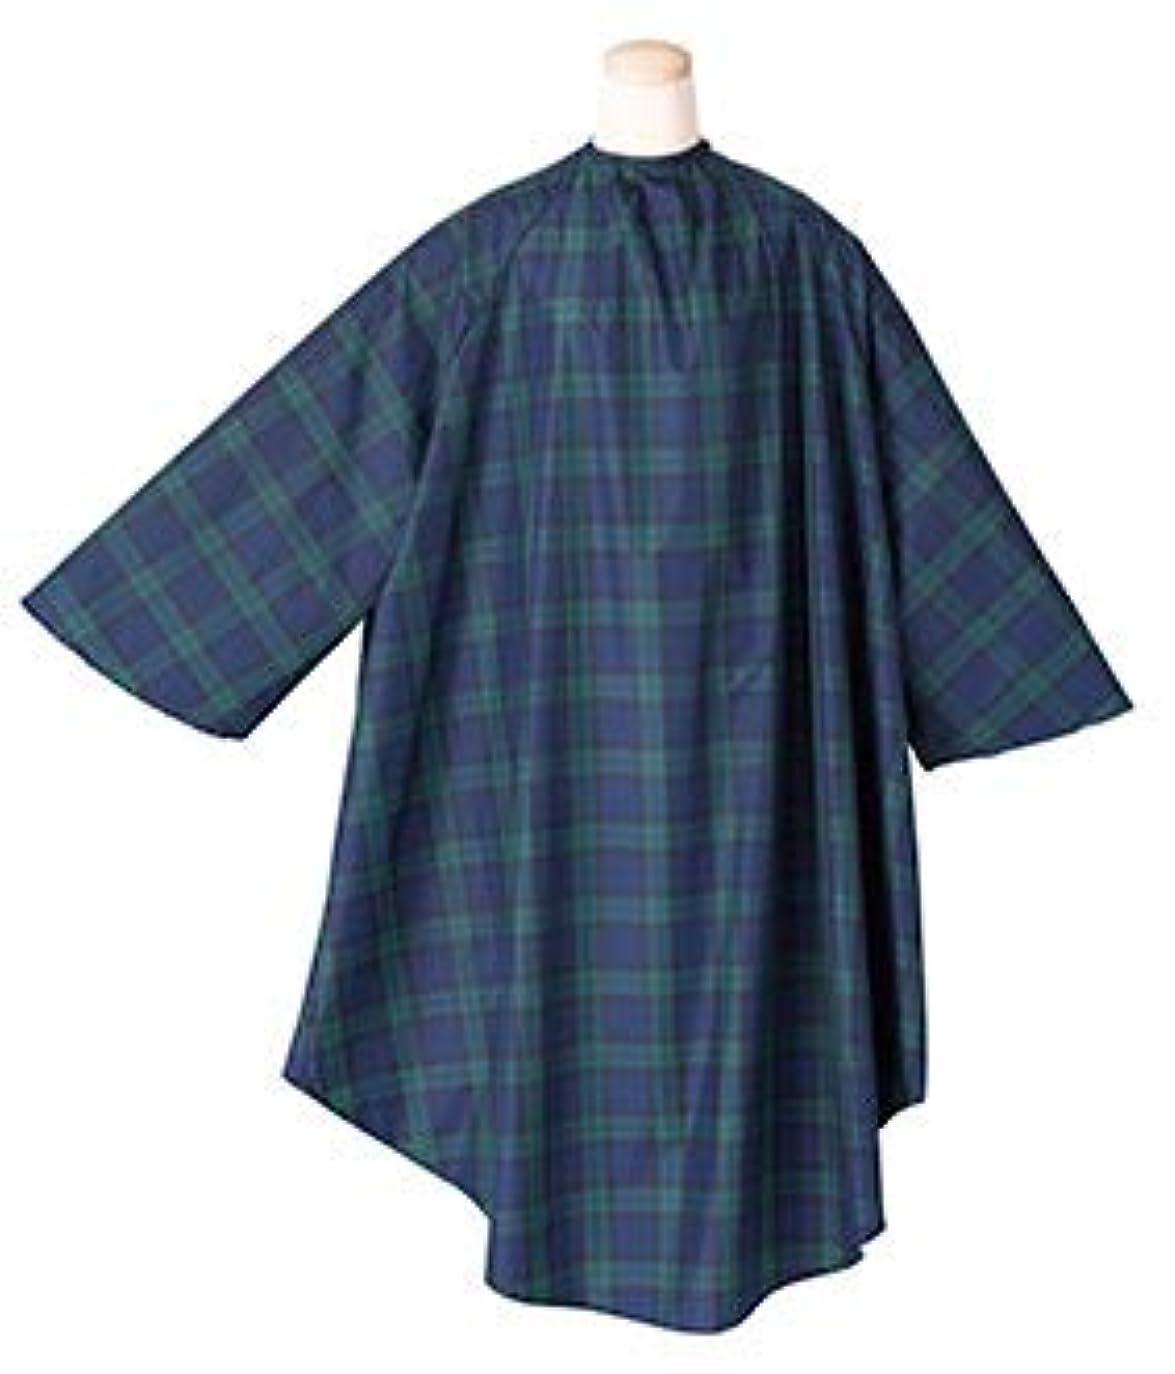 与える思慮深い気分が良いエルコ 7225 タータンチェックⅡ 袖付ヘアダイクロス ナイロン100% 防水加工 毛染め/白髪染め/ヘアカラー